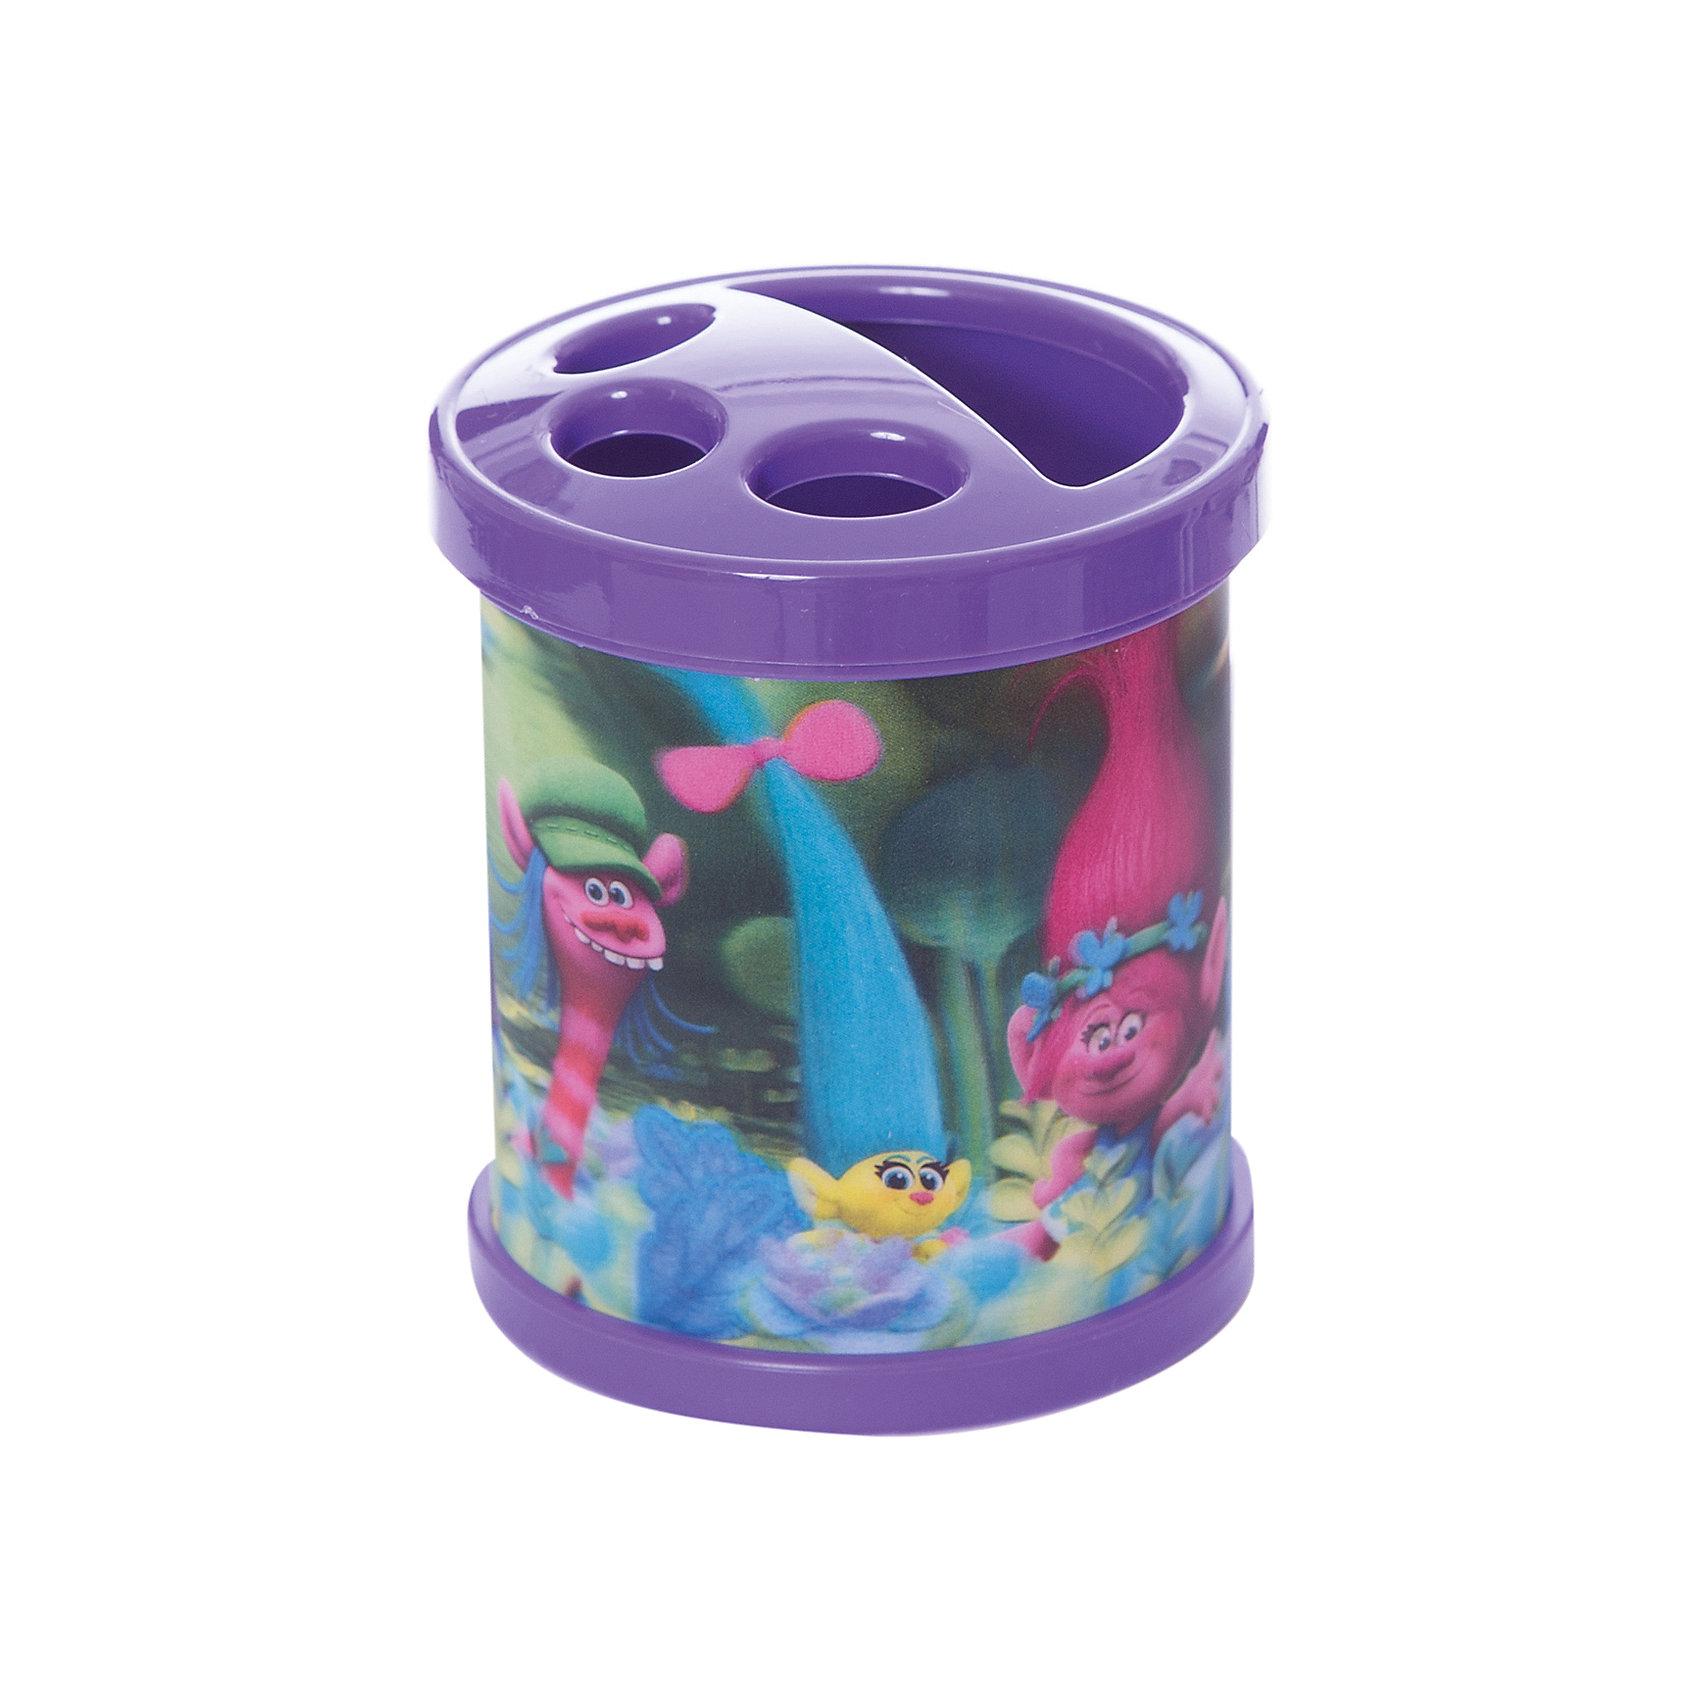 Подставка настольная  Тролли, пластиковая, эффект 3ДРисование и лепка<br>Подставка настольная Тролли, пластиковая, эффект 3Д<br><br>Характеристики:<br><br>• В набор входит: подставка для карандашей<br>• Размер подставки: 8,5 * 10 * 8,5 см.<br>• Состав: пластик<br>• Вес: 140 г.<br>• Для детей в возрасте: от 3 до 9 лет<br>• Страна производитель: Китай<br><br>Красивая подставка с любимыми героями мультфильма Тролли от известного немецкого бренда товаров для детей Centrum (Центрум) поможет устроить порядок на рабочем столе. Специальные разделяющие зоны этой подставки можно сориентировать под разные виды пишущих принадлежностей, а можно использовать подставку для хранения зубных щёток. <br><br>Подставку настольную Тролли, пластиковую, эффект 3Д можно купить в нашем интернет-магазине.<br><br>Ширина мм: 85<br>Глубина мм: 85<br>Высота мм: 100<br>Вес г: 140<br>Возраст от месяцев: 36<br>Возраст до месяцев: 2147483647<br>Пол: Женский<br>Возраст: Детский<br>SKU: 5478271